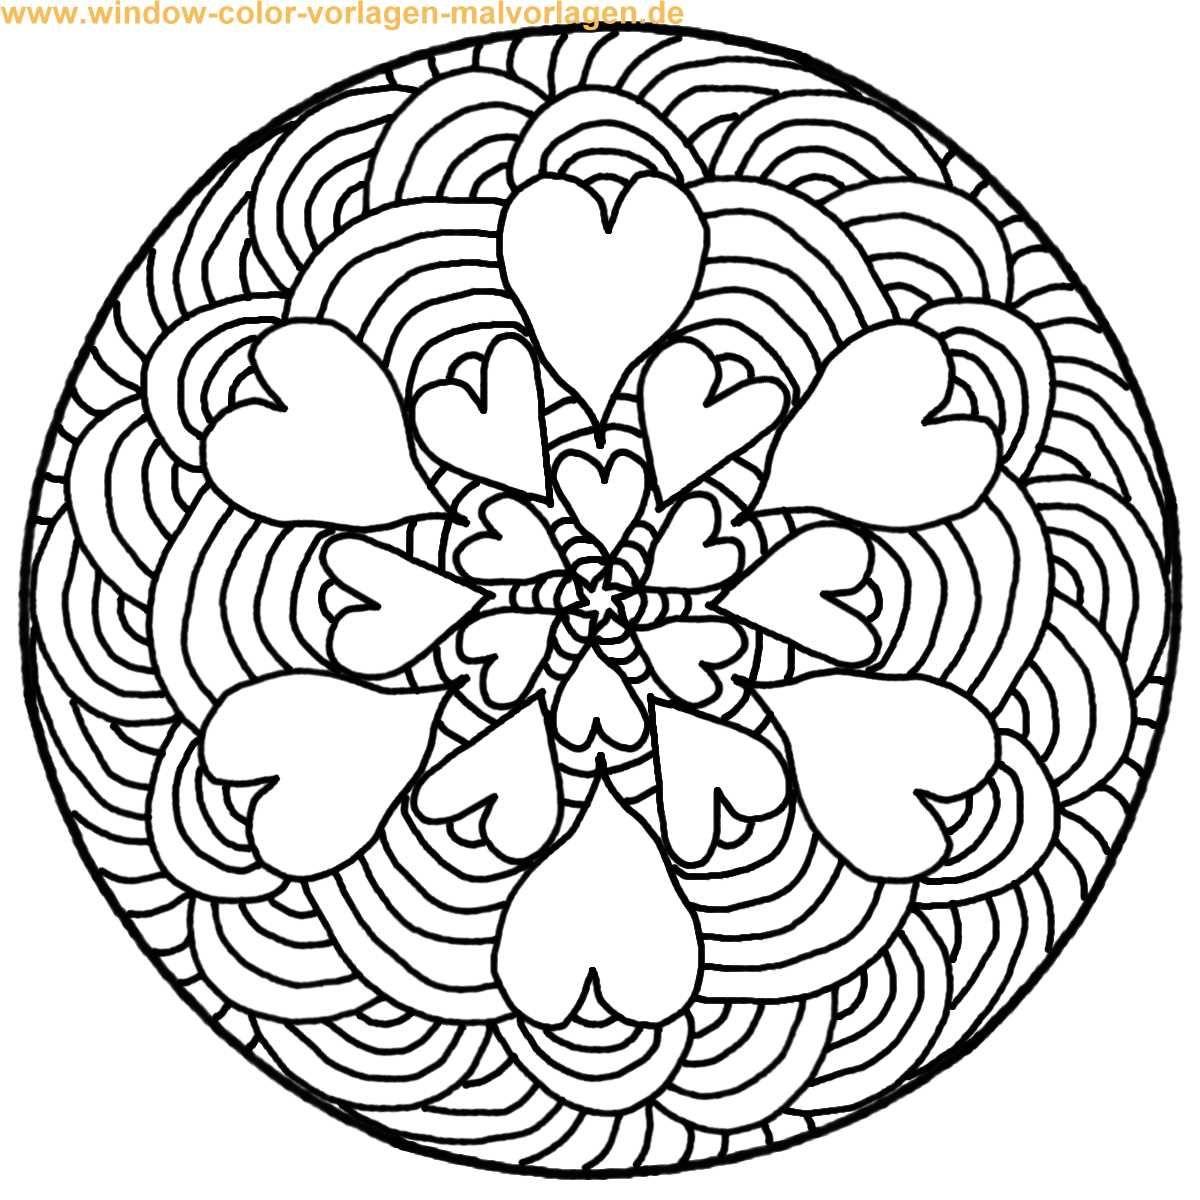 Malvorlage Ausmalbild Mandala zum ausdrucken und zum